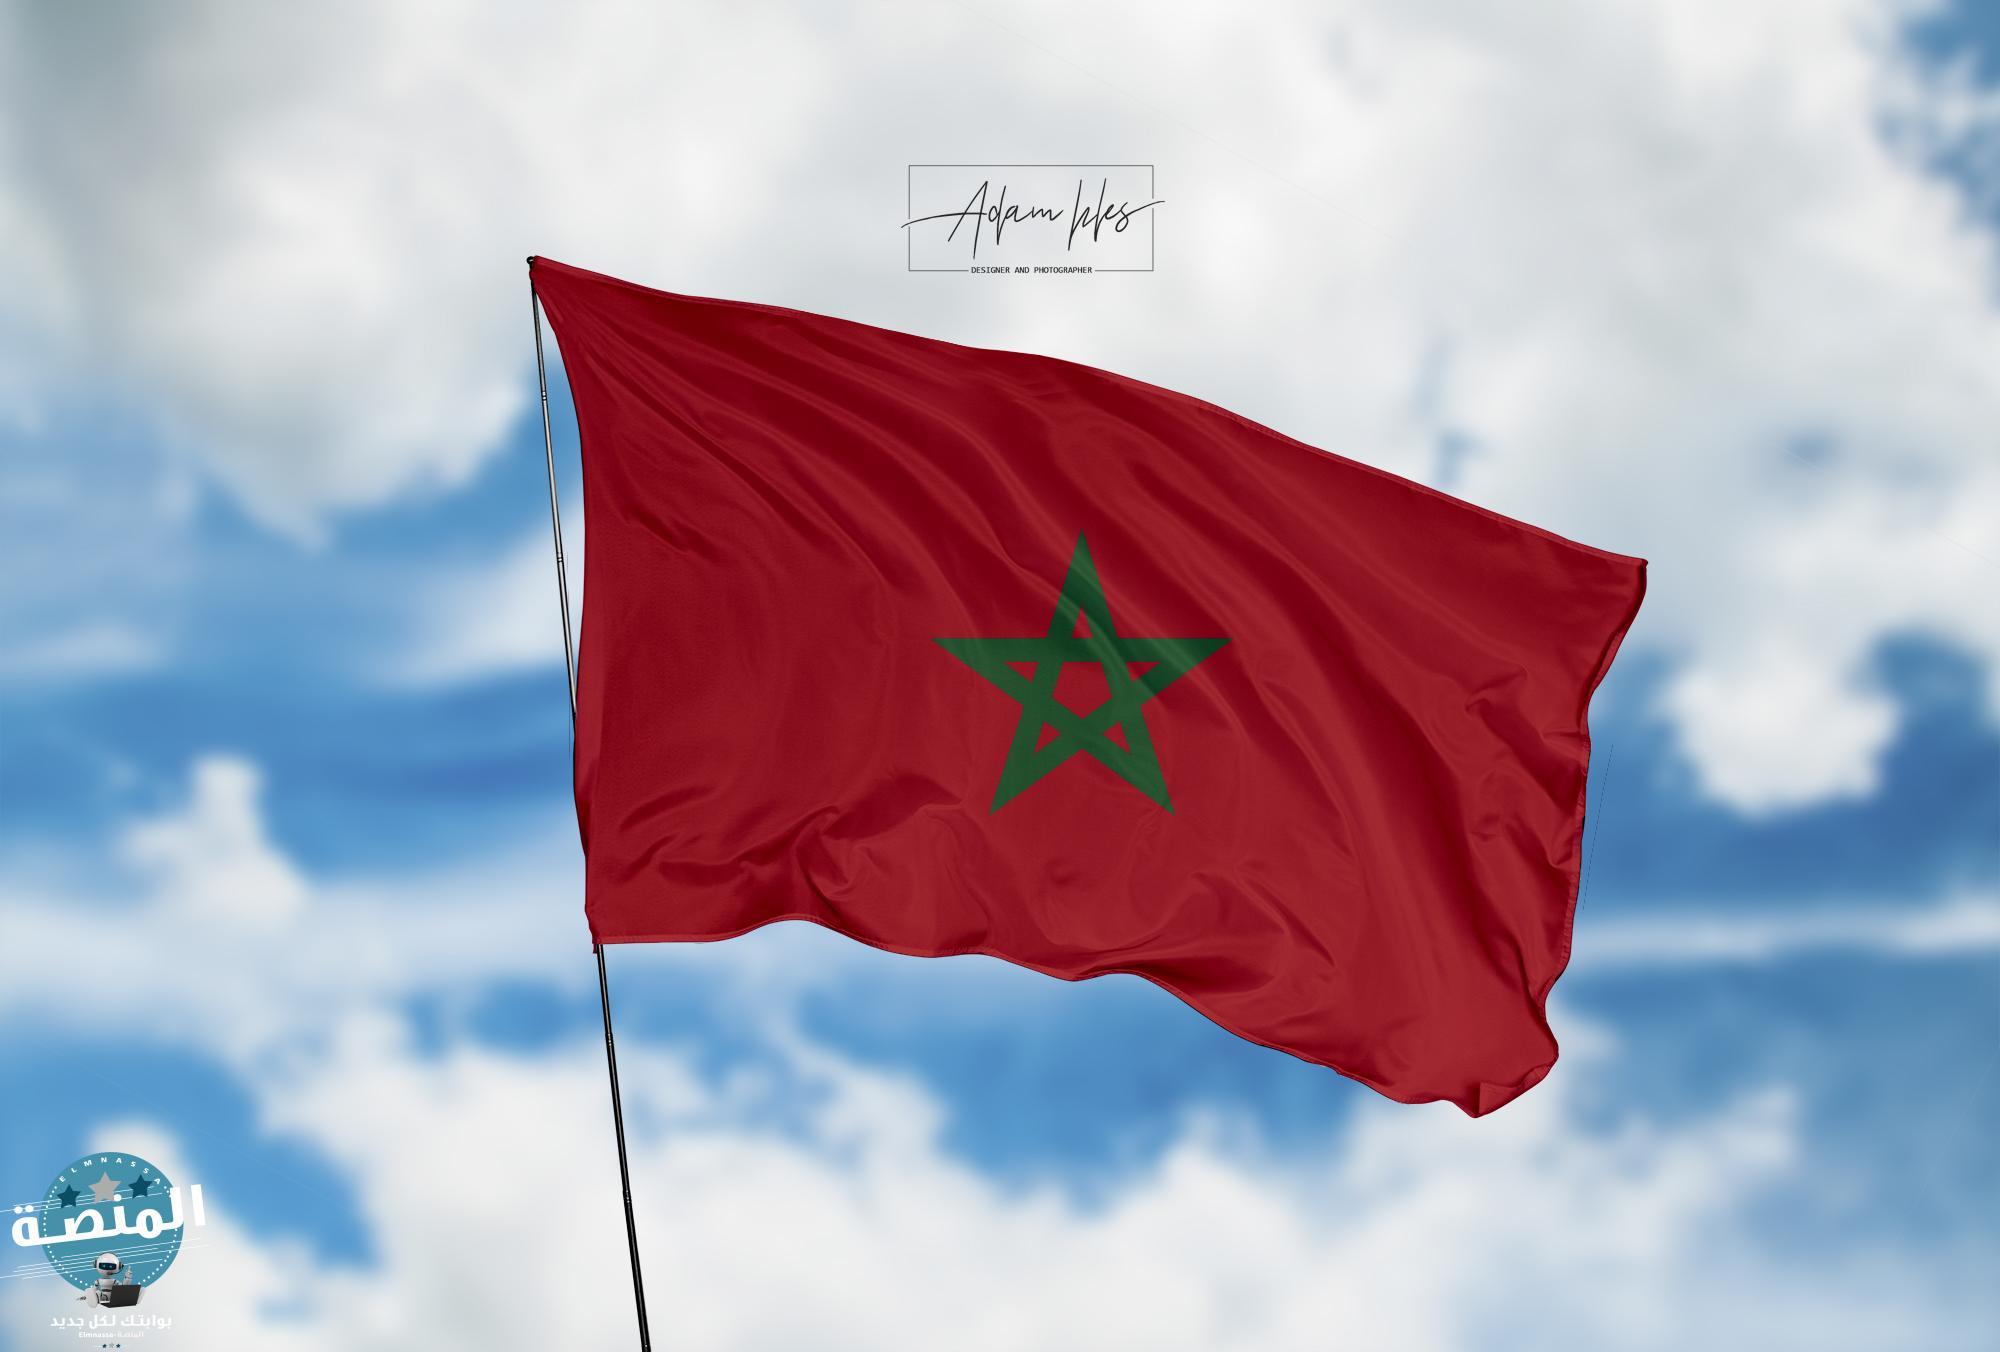 تاريخ المغرب و معلومات عن الدولة المغربية